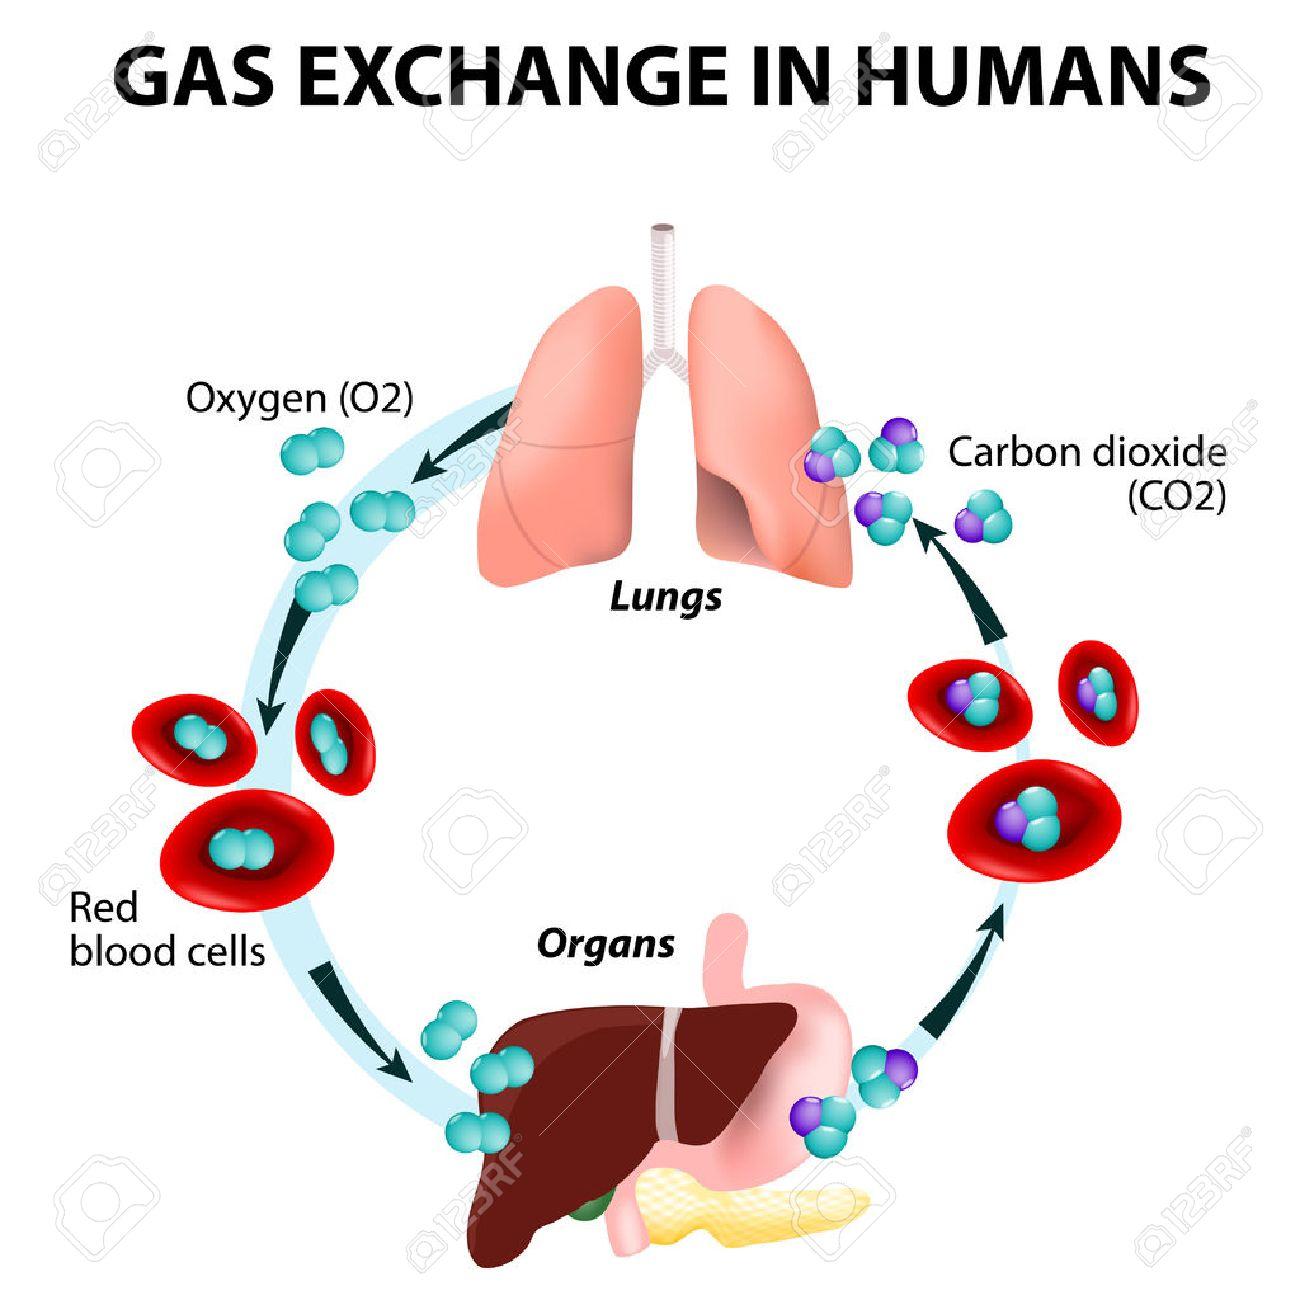 Углекислый газ из крови человека поступает в